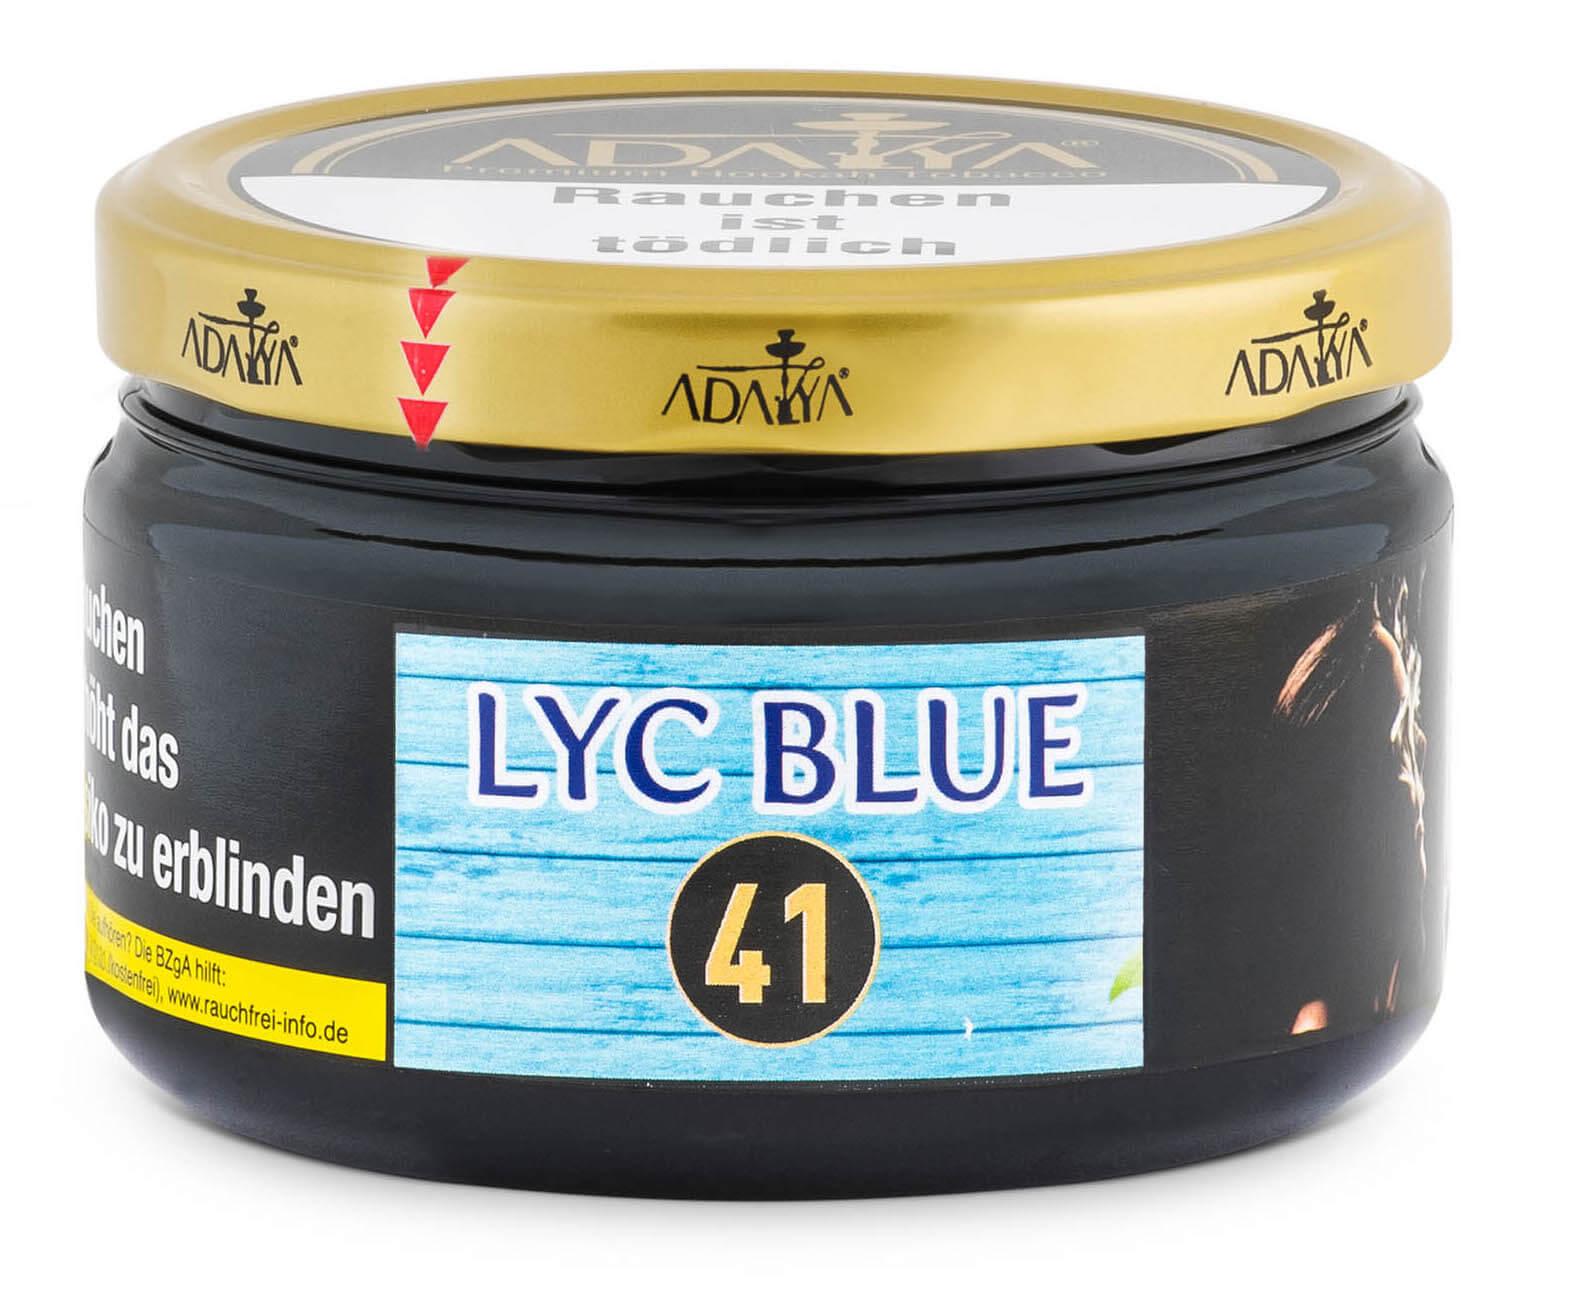 Adalya Tabak Lyc Blue #41 200g